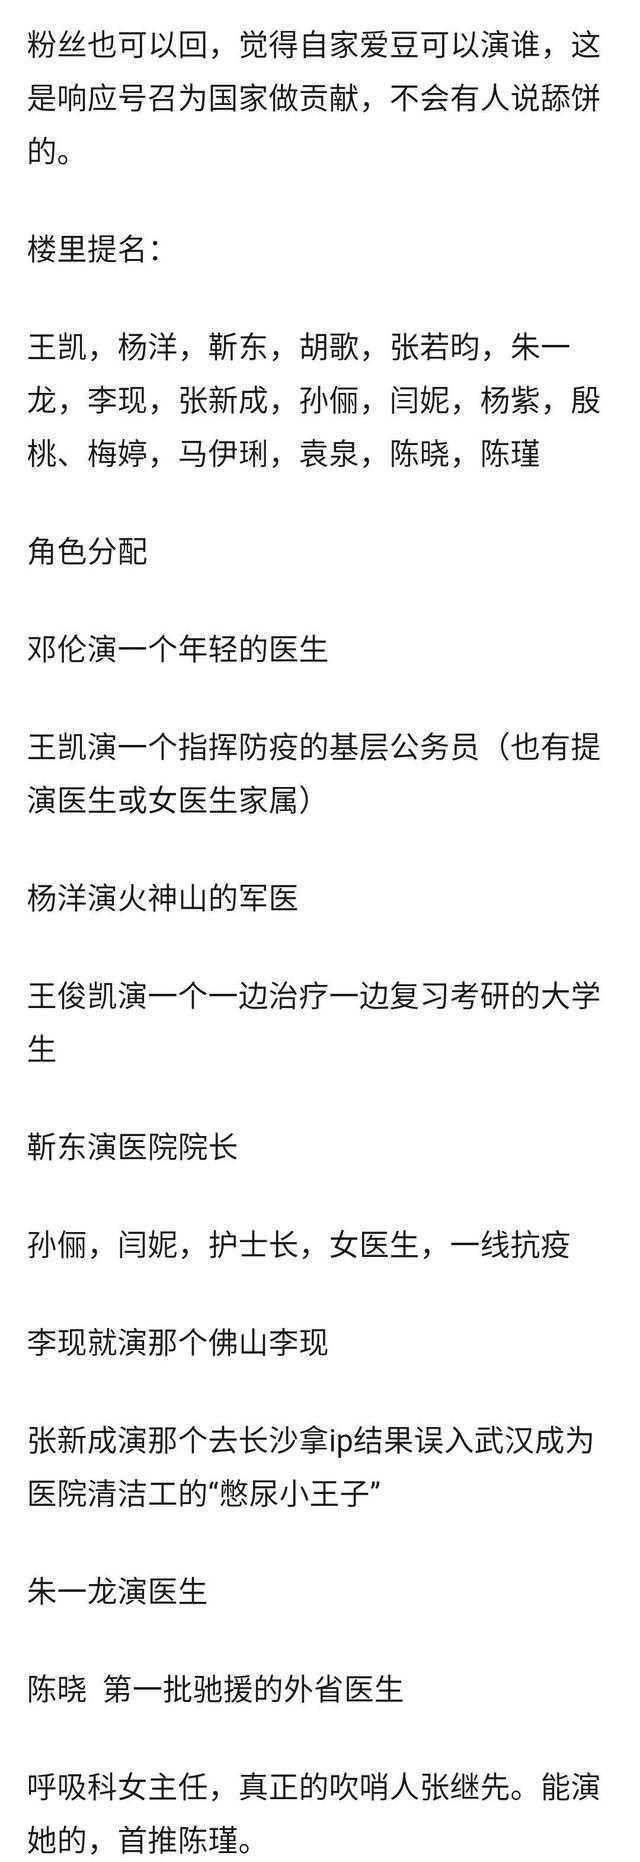 Netizen Trung chọn Lý Hiện, Dương Tử tham gia phim mới với chủ đề cuộc chiến chống dịch bệnh nhưng không có tên Tiêu Chiến ảnh 2